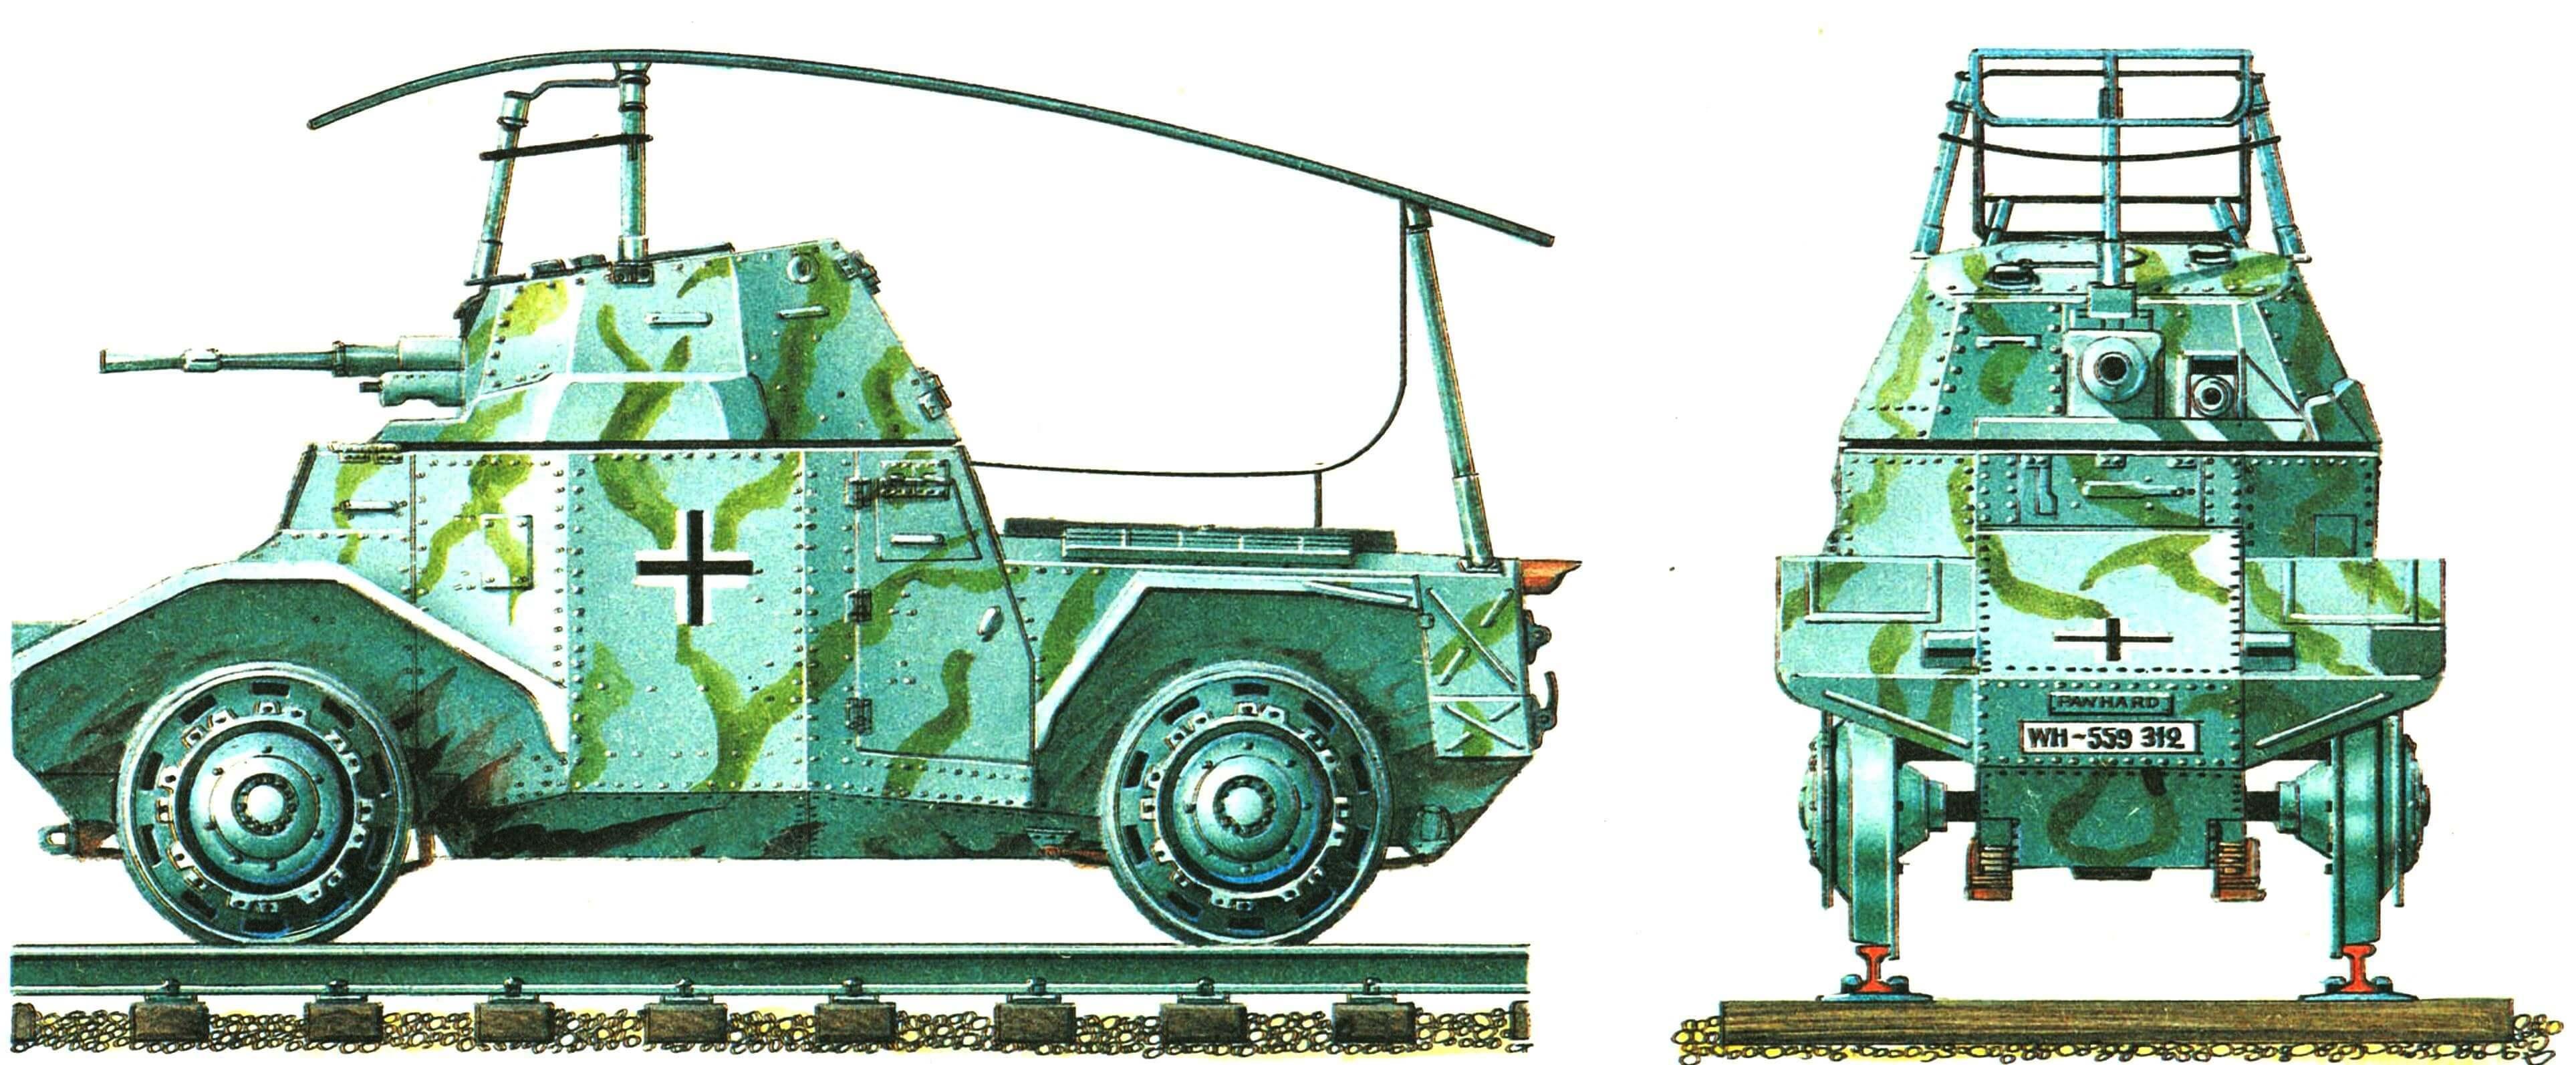 Бронедрезина Pz.Spah.204(f). Восточный фронт, 1942 год.